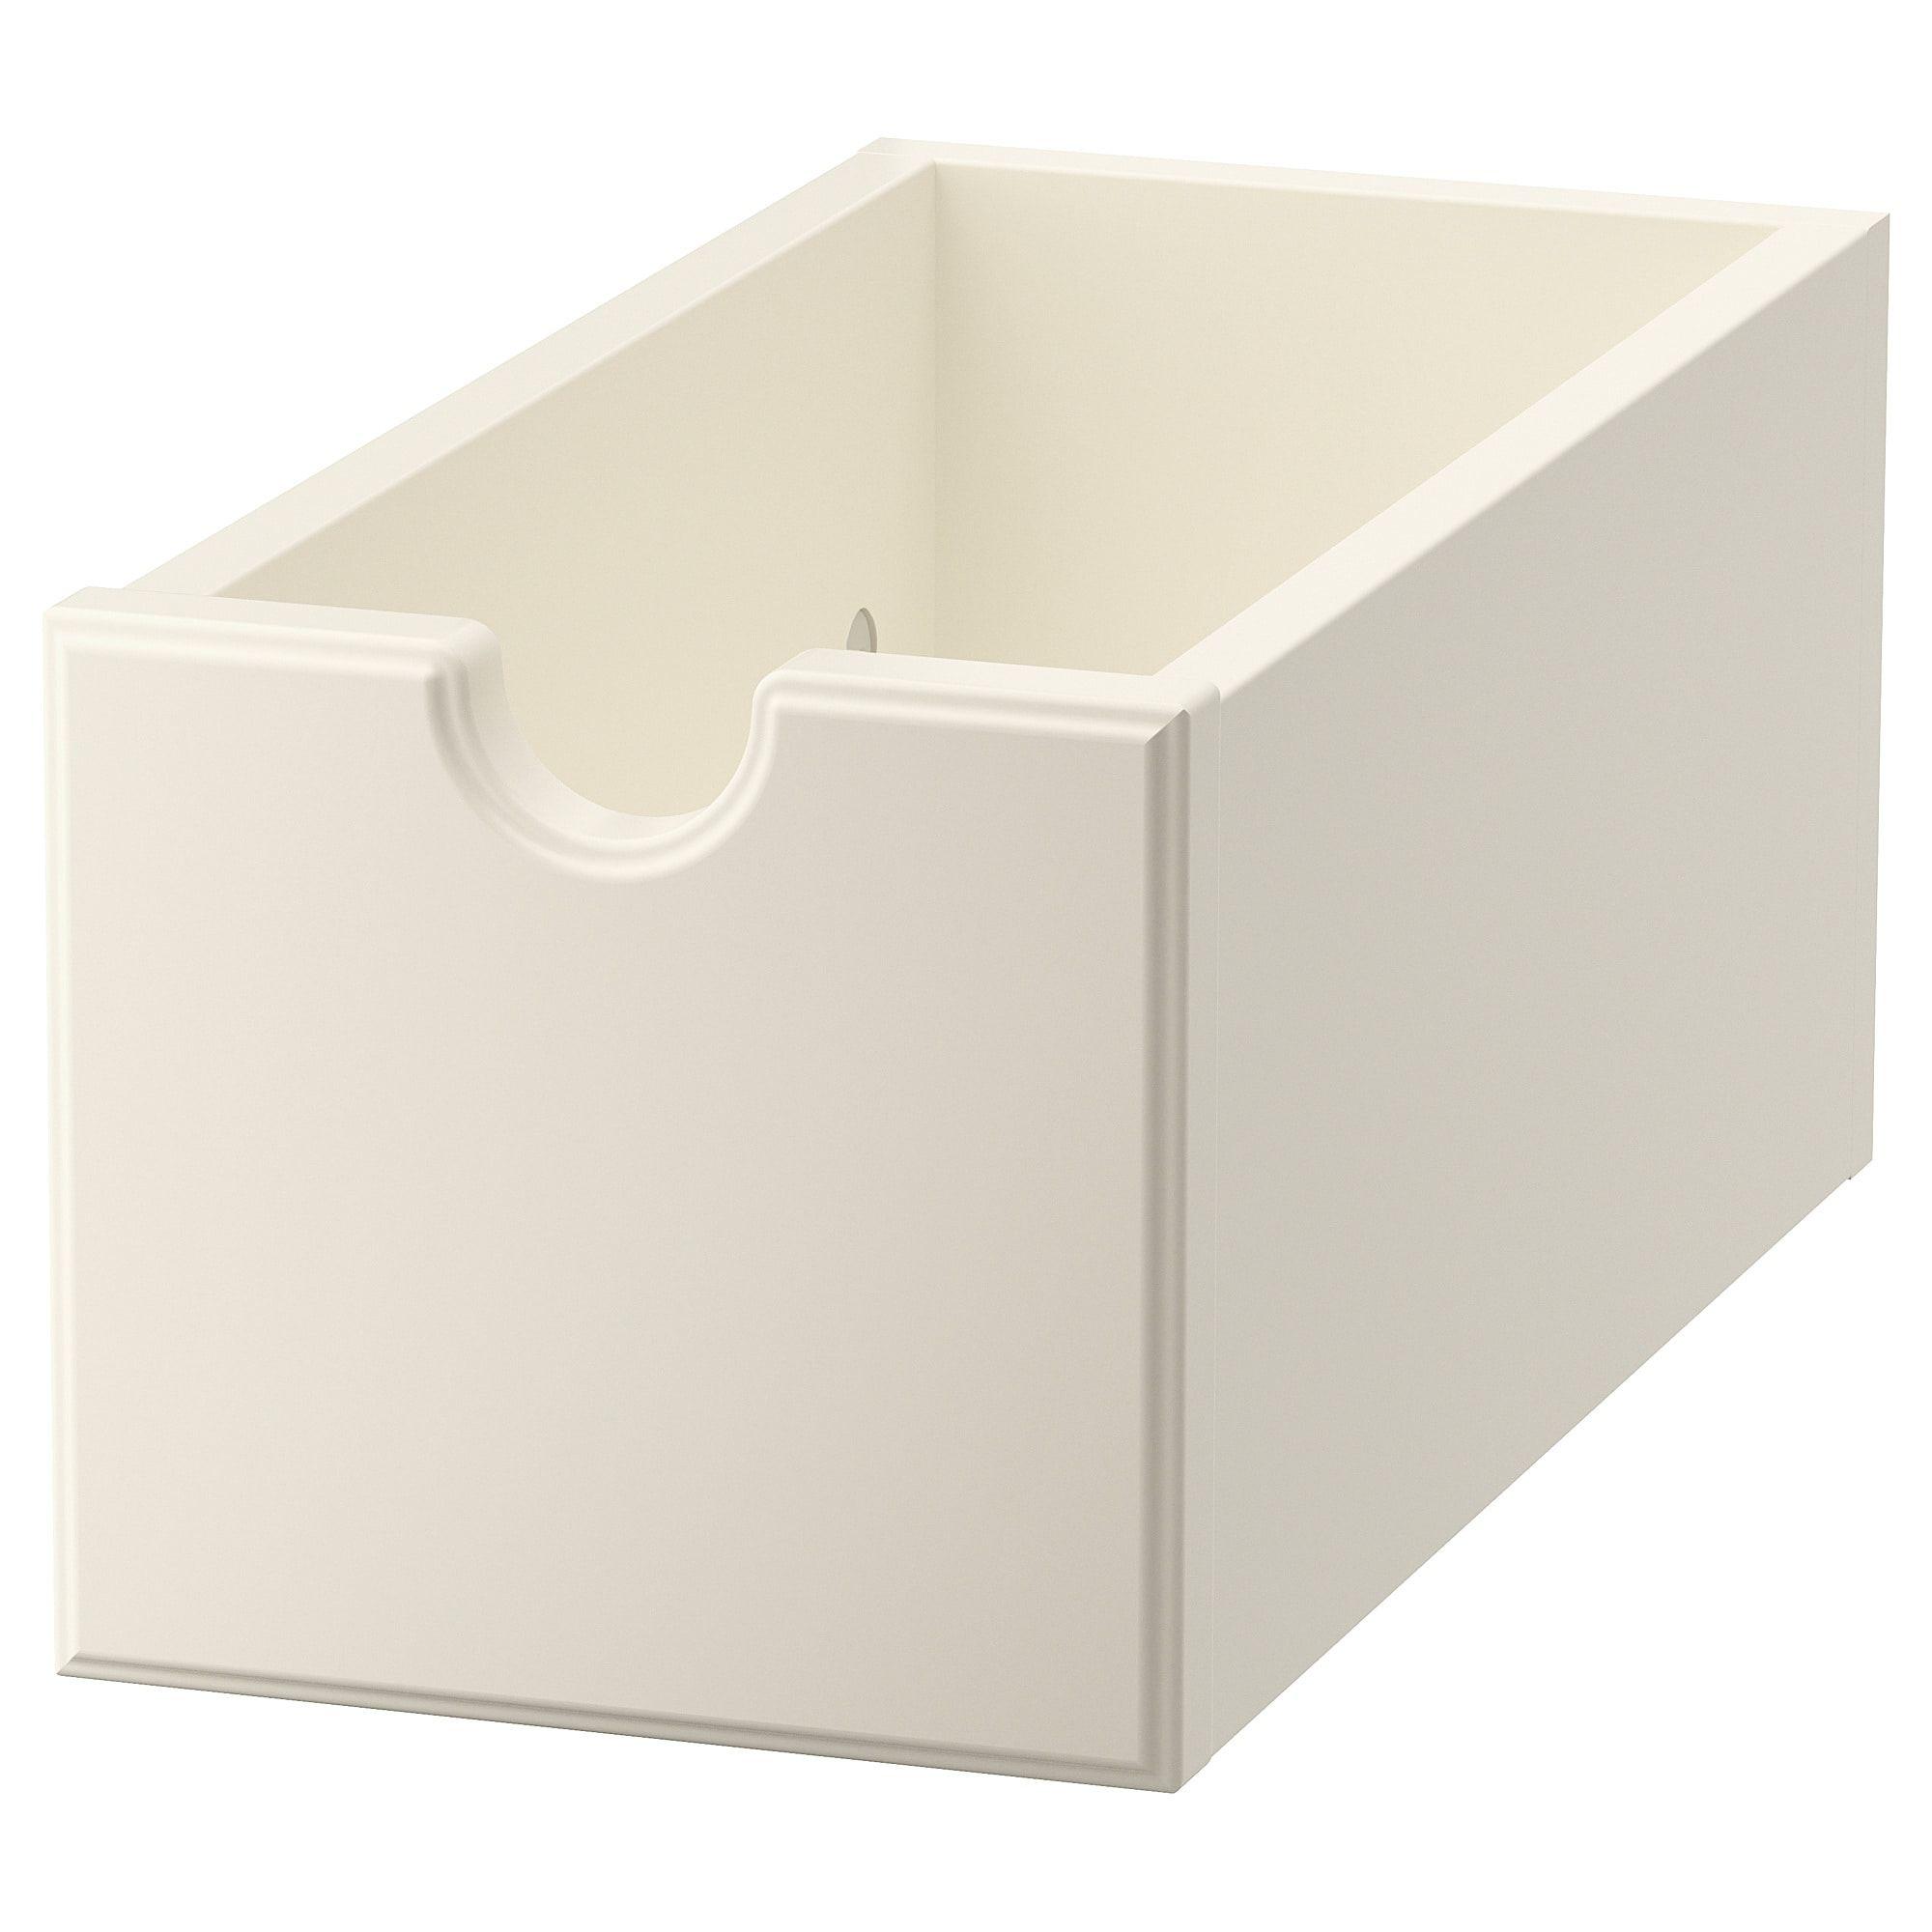 Tornviken Box Elfenbeinweiss Ikea Arbeitsplatte Und Ikea Angebote